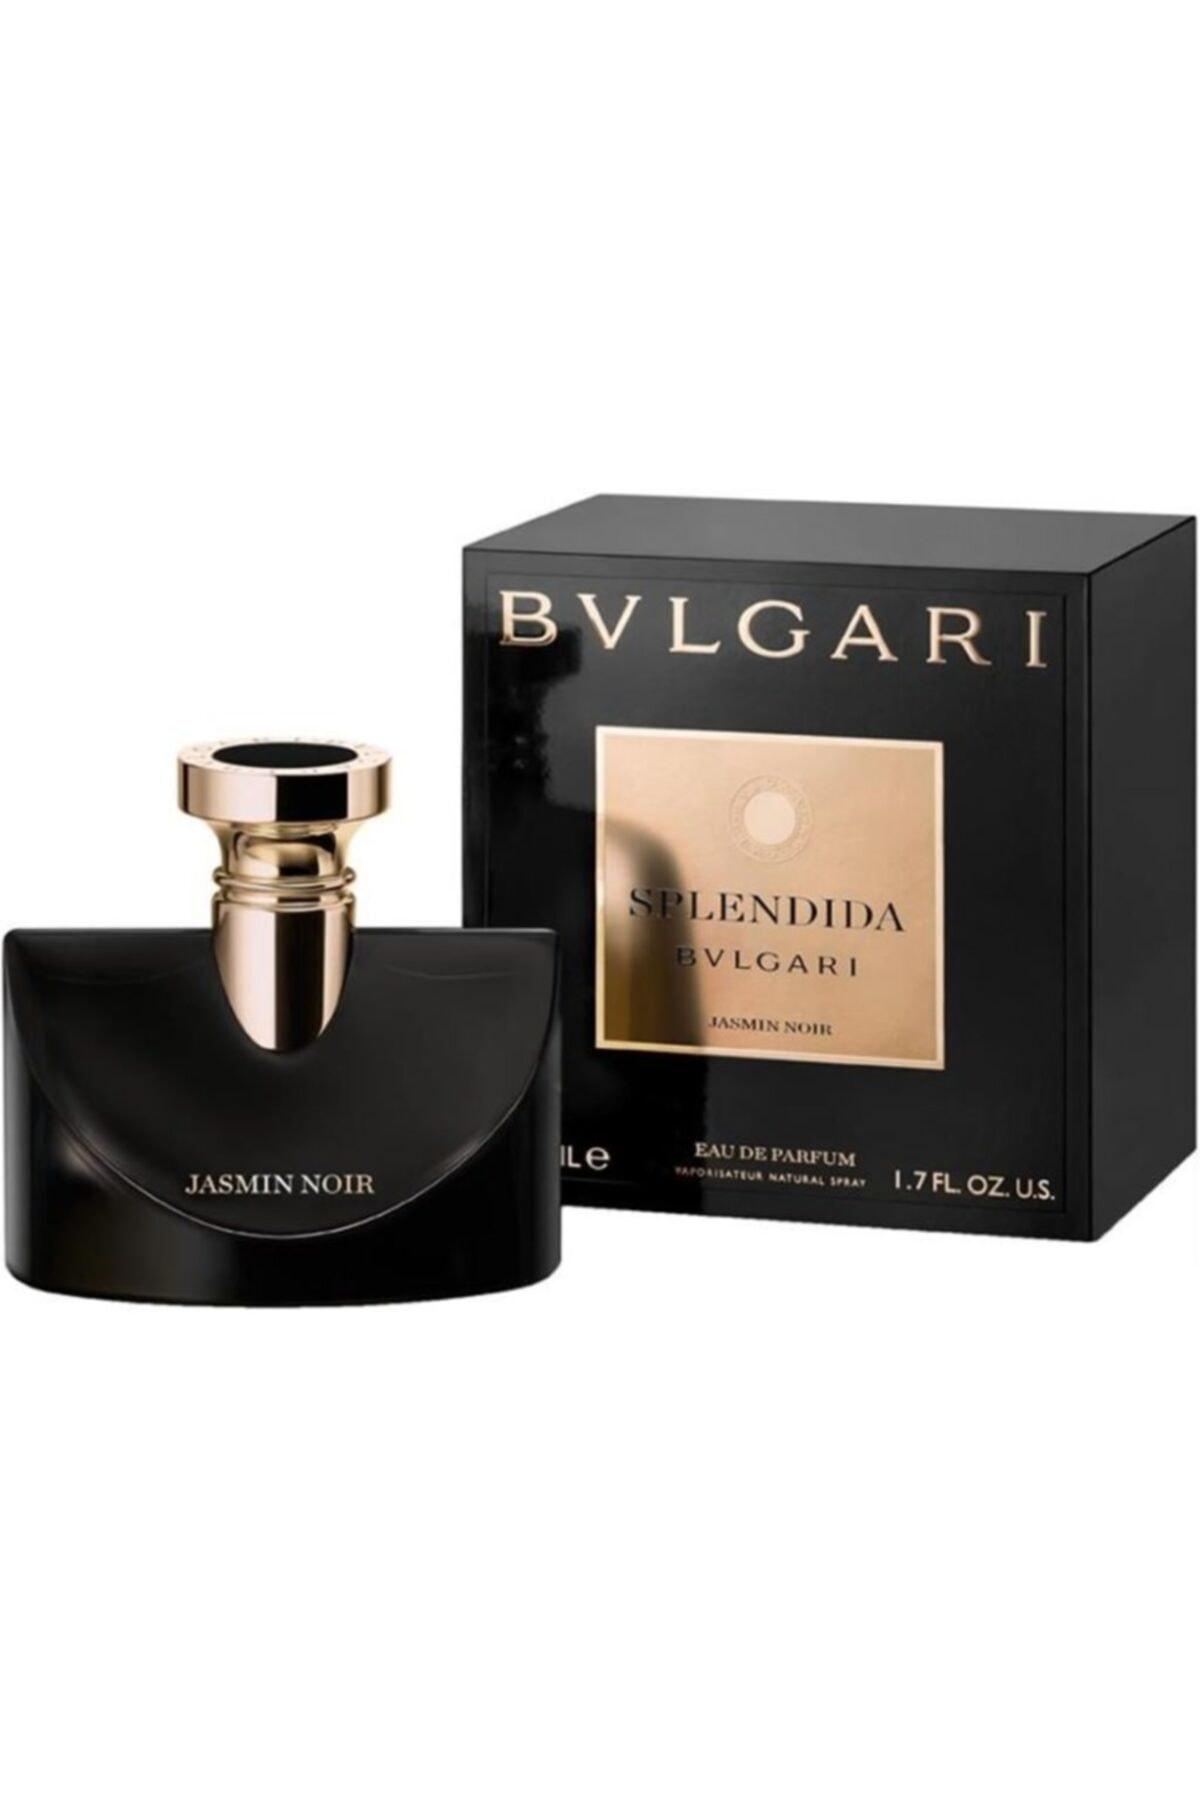 Bvlgari Splendida Jasmin Noir Edp 100 ml Kadın Parfümü 783320977312 2